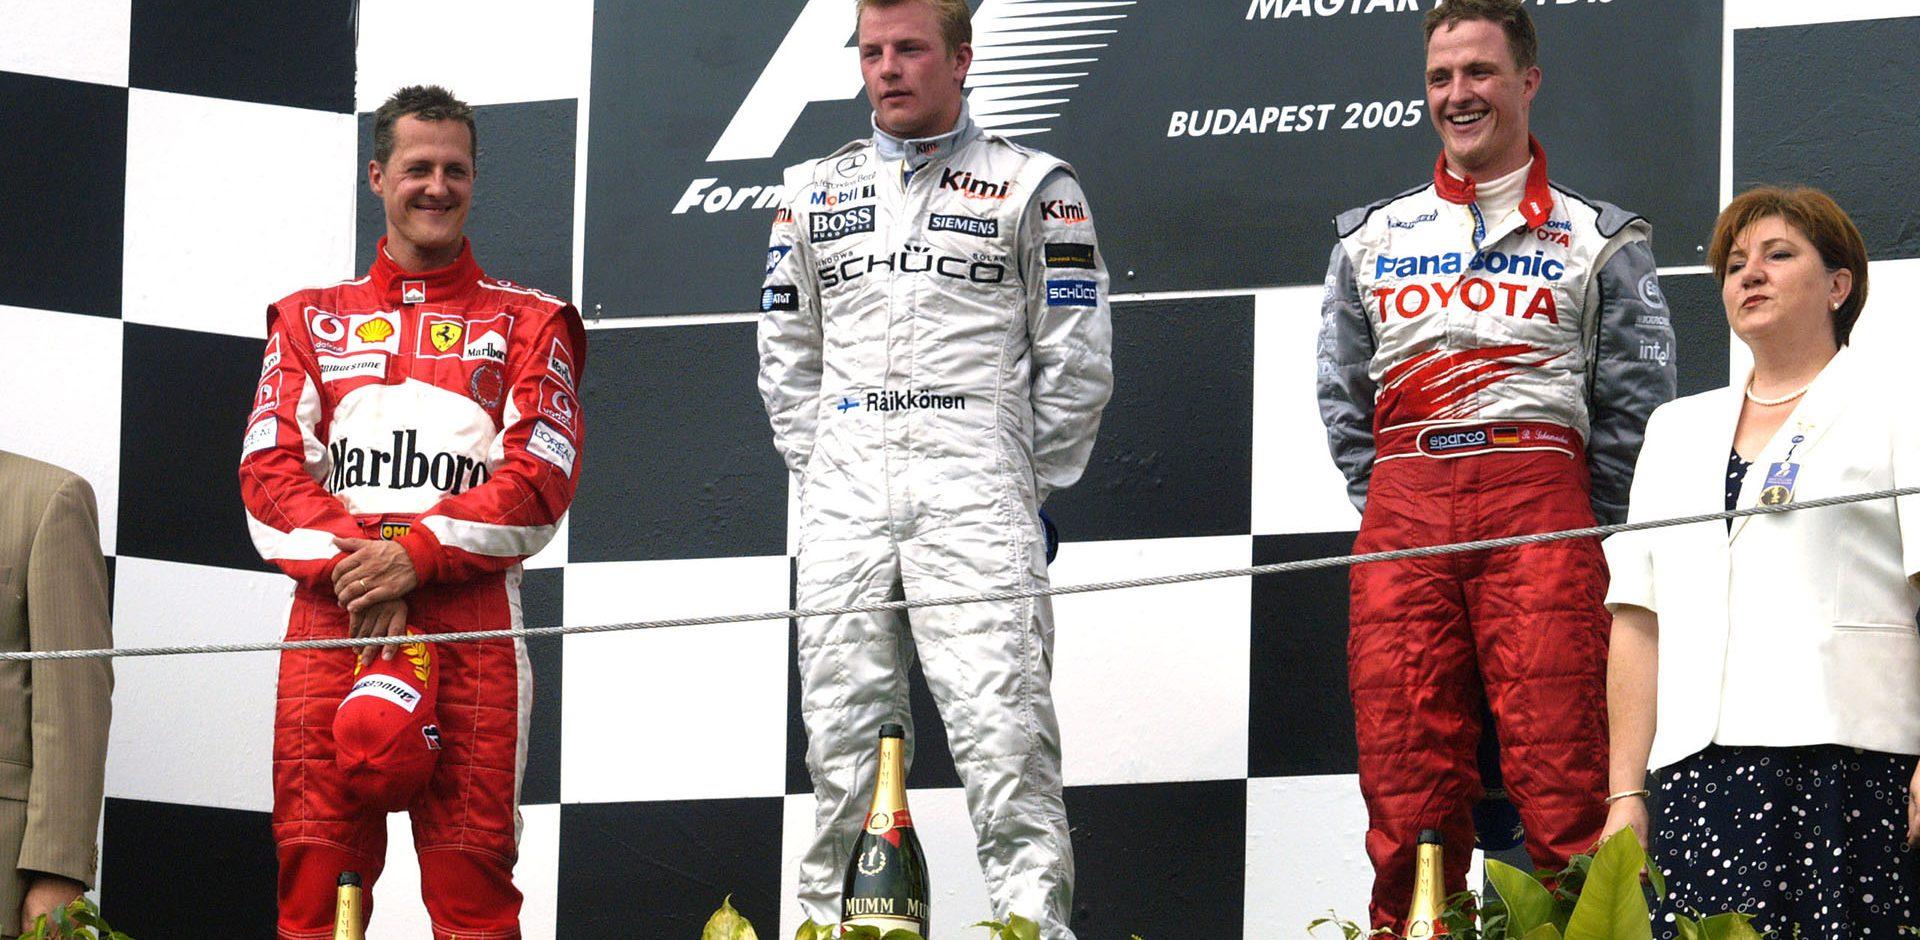 Kimi Räikkönen, Michael Schumacher, Ralf Schumacher, Hungarian Grand Prix 2005